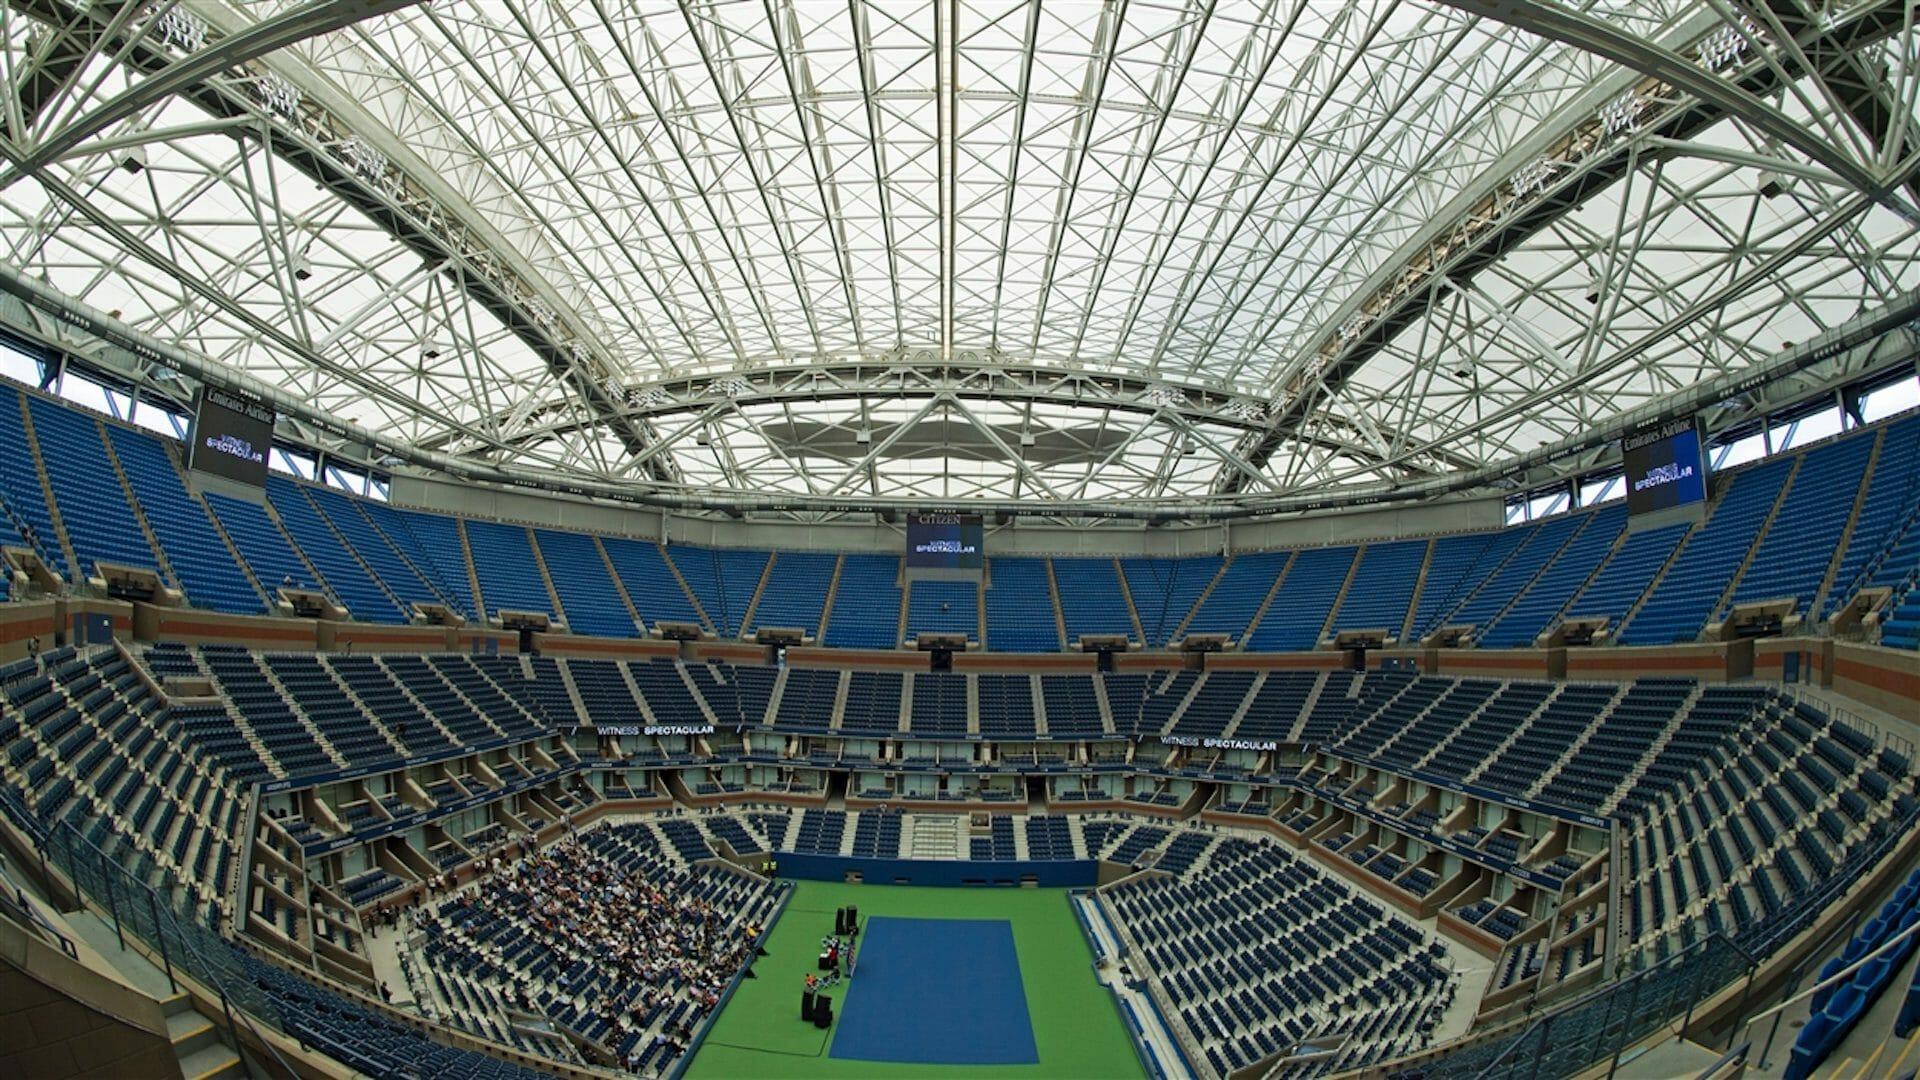 Quels sont les stades de tennis qui possèdent un toit rétractable?